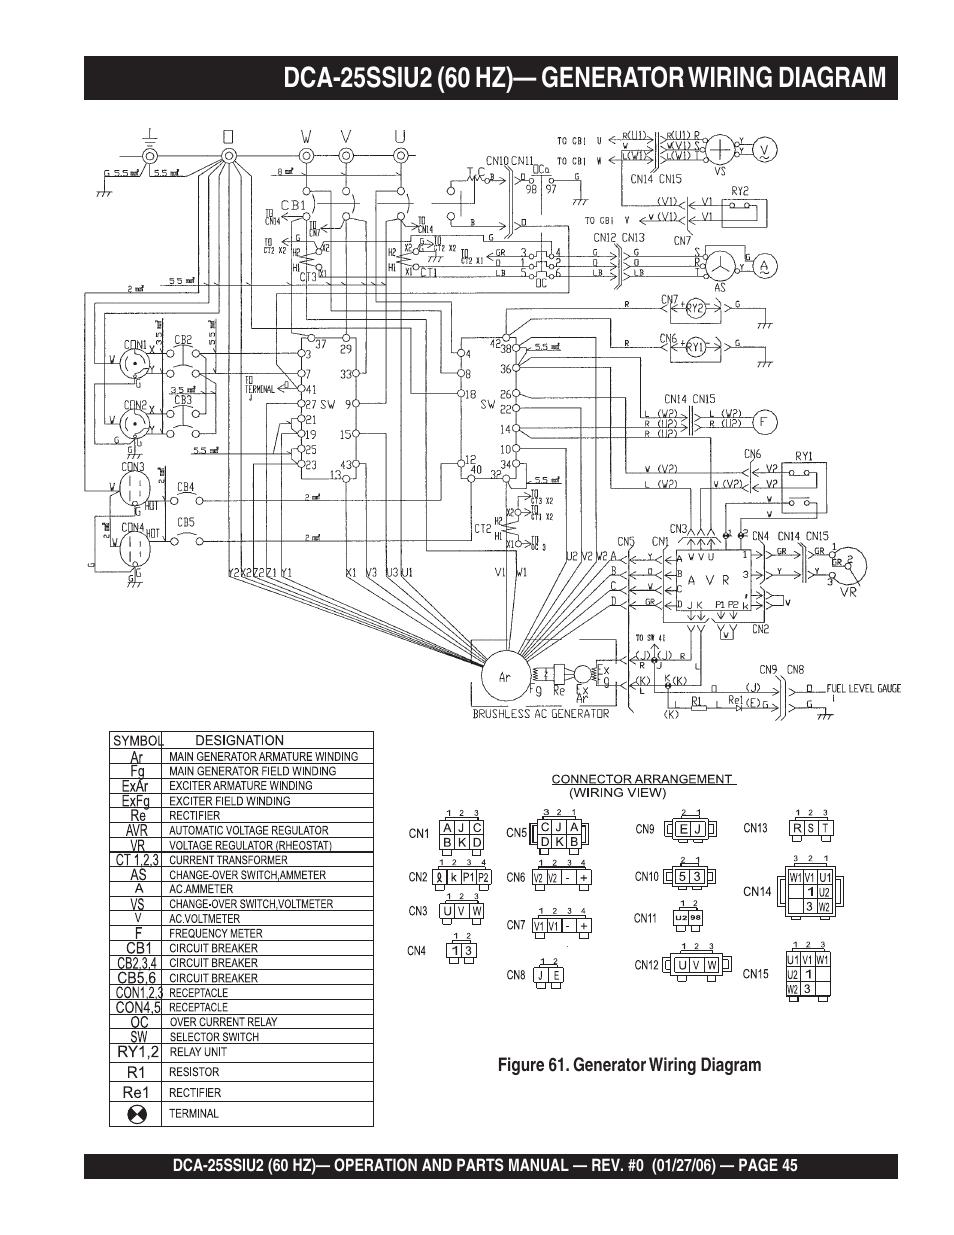 Multiquip MQ Power Whisperwatt 60 Hz Generator DCA-25SSIU2